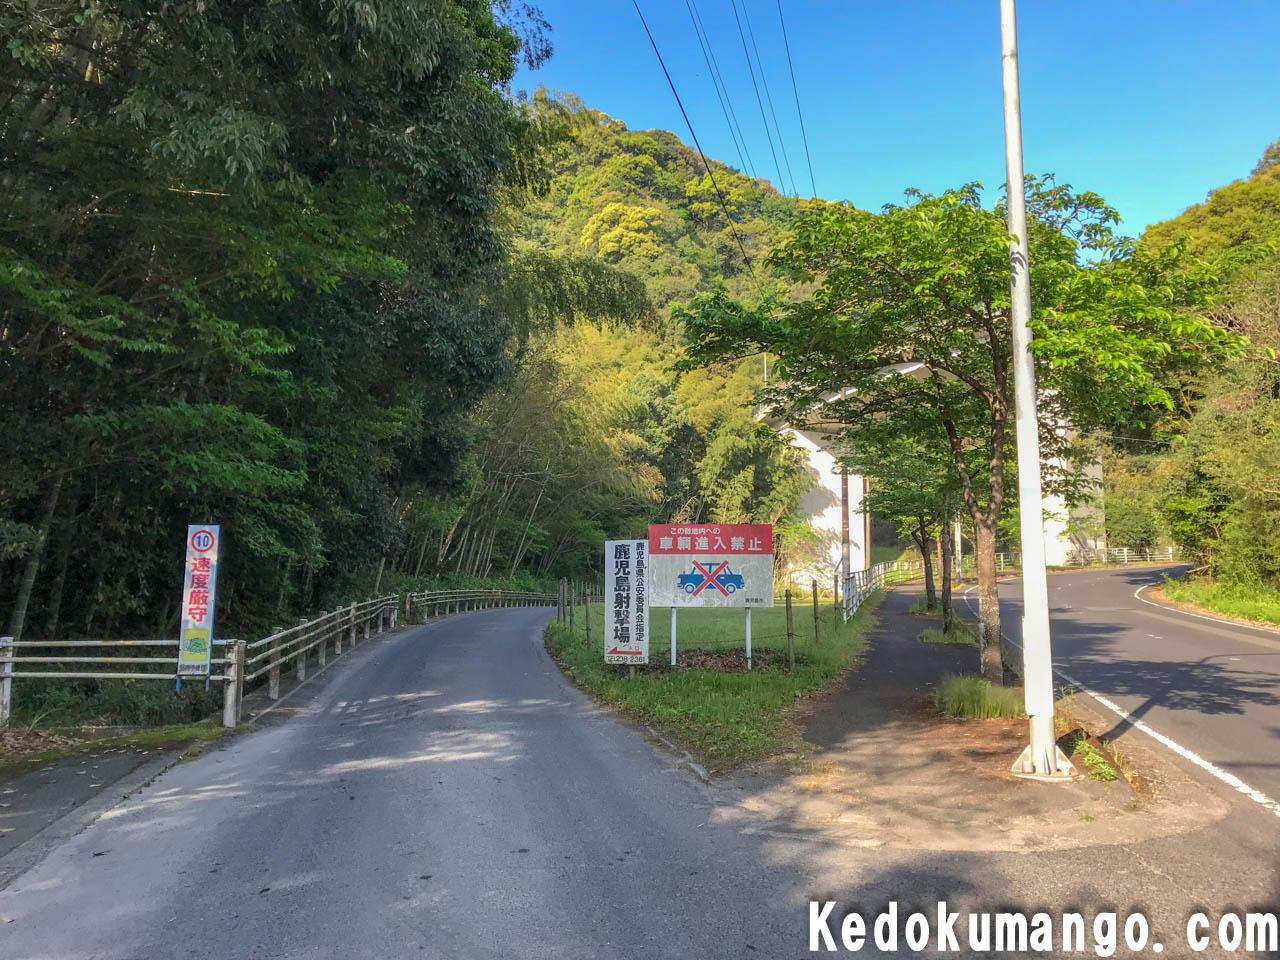 鹿児島射撃場の入口